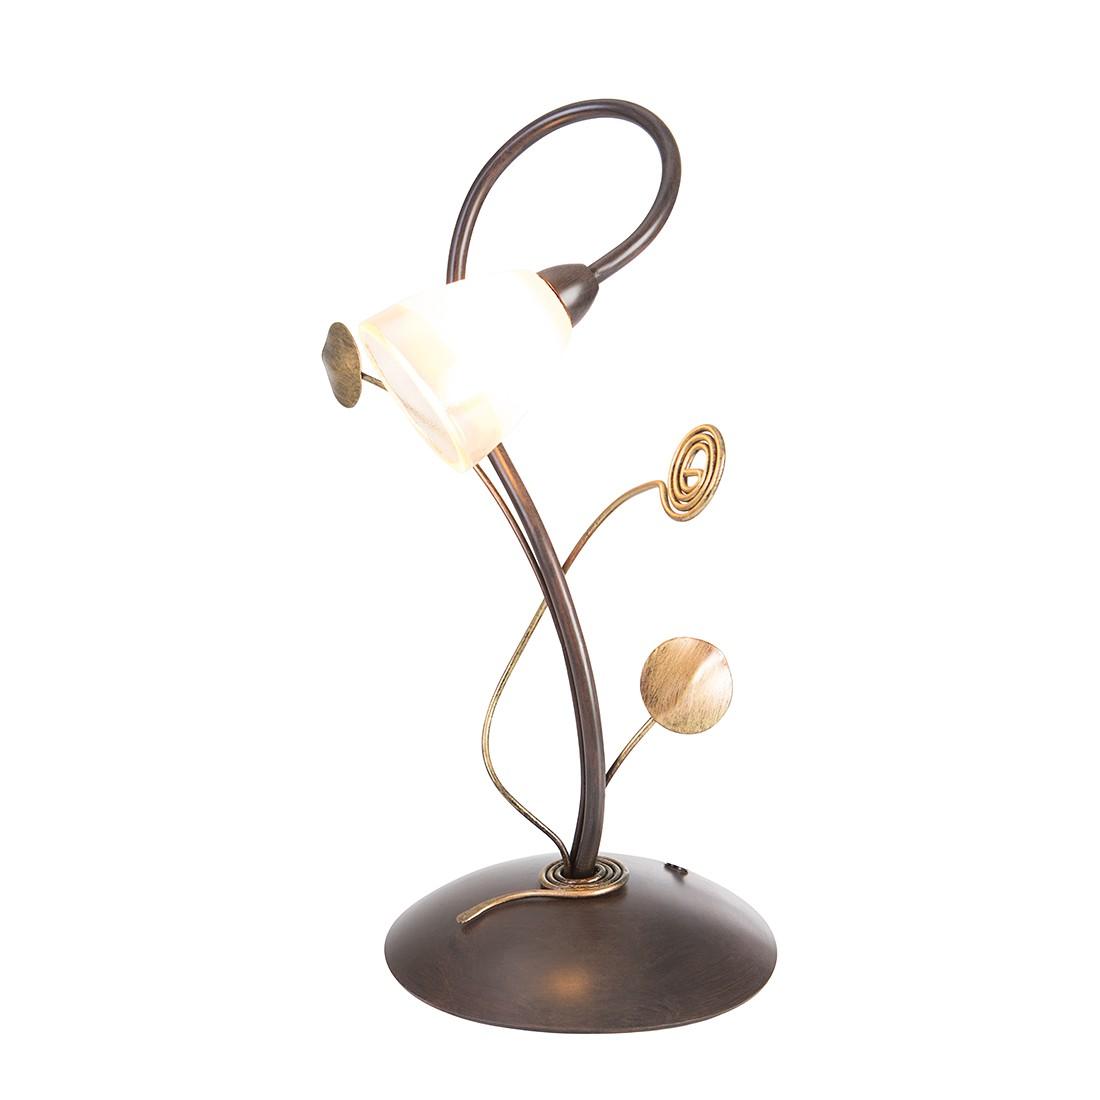 EEK A++, Lampe de table Daydream - 1 ampoule Marron foncé, Steinhauer